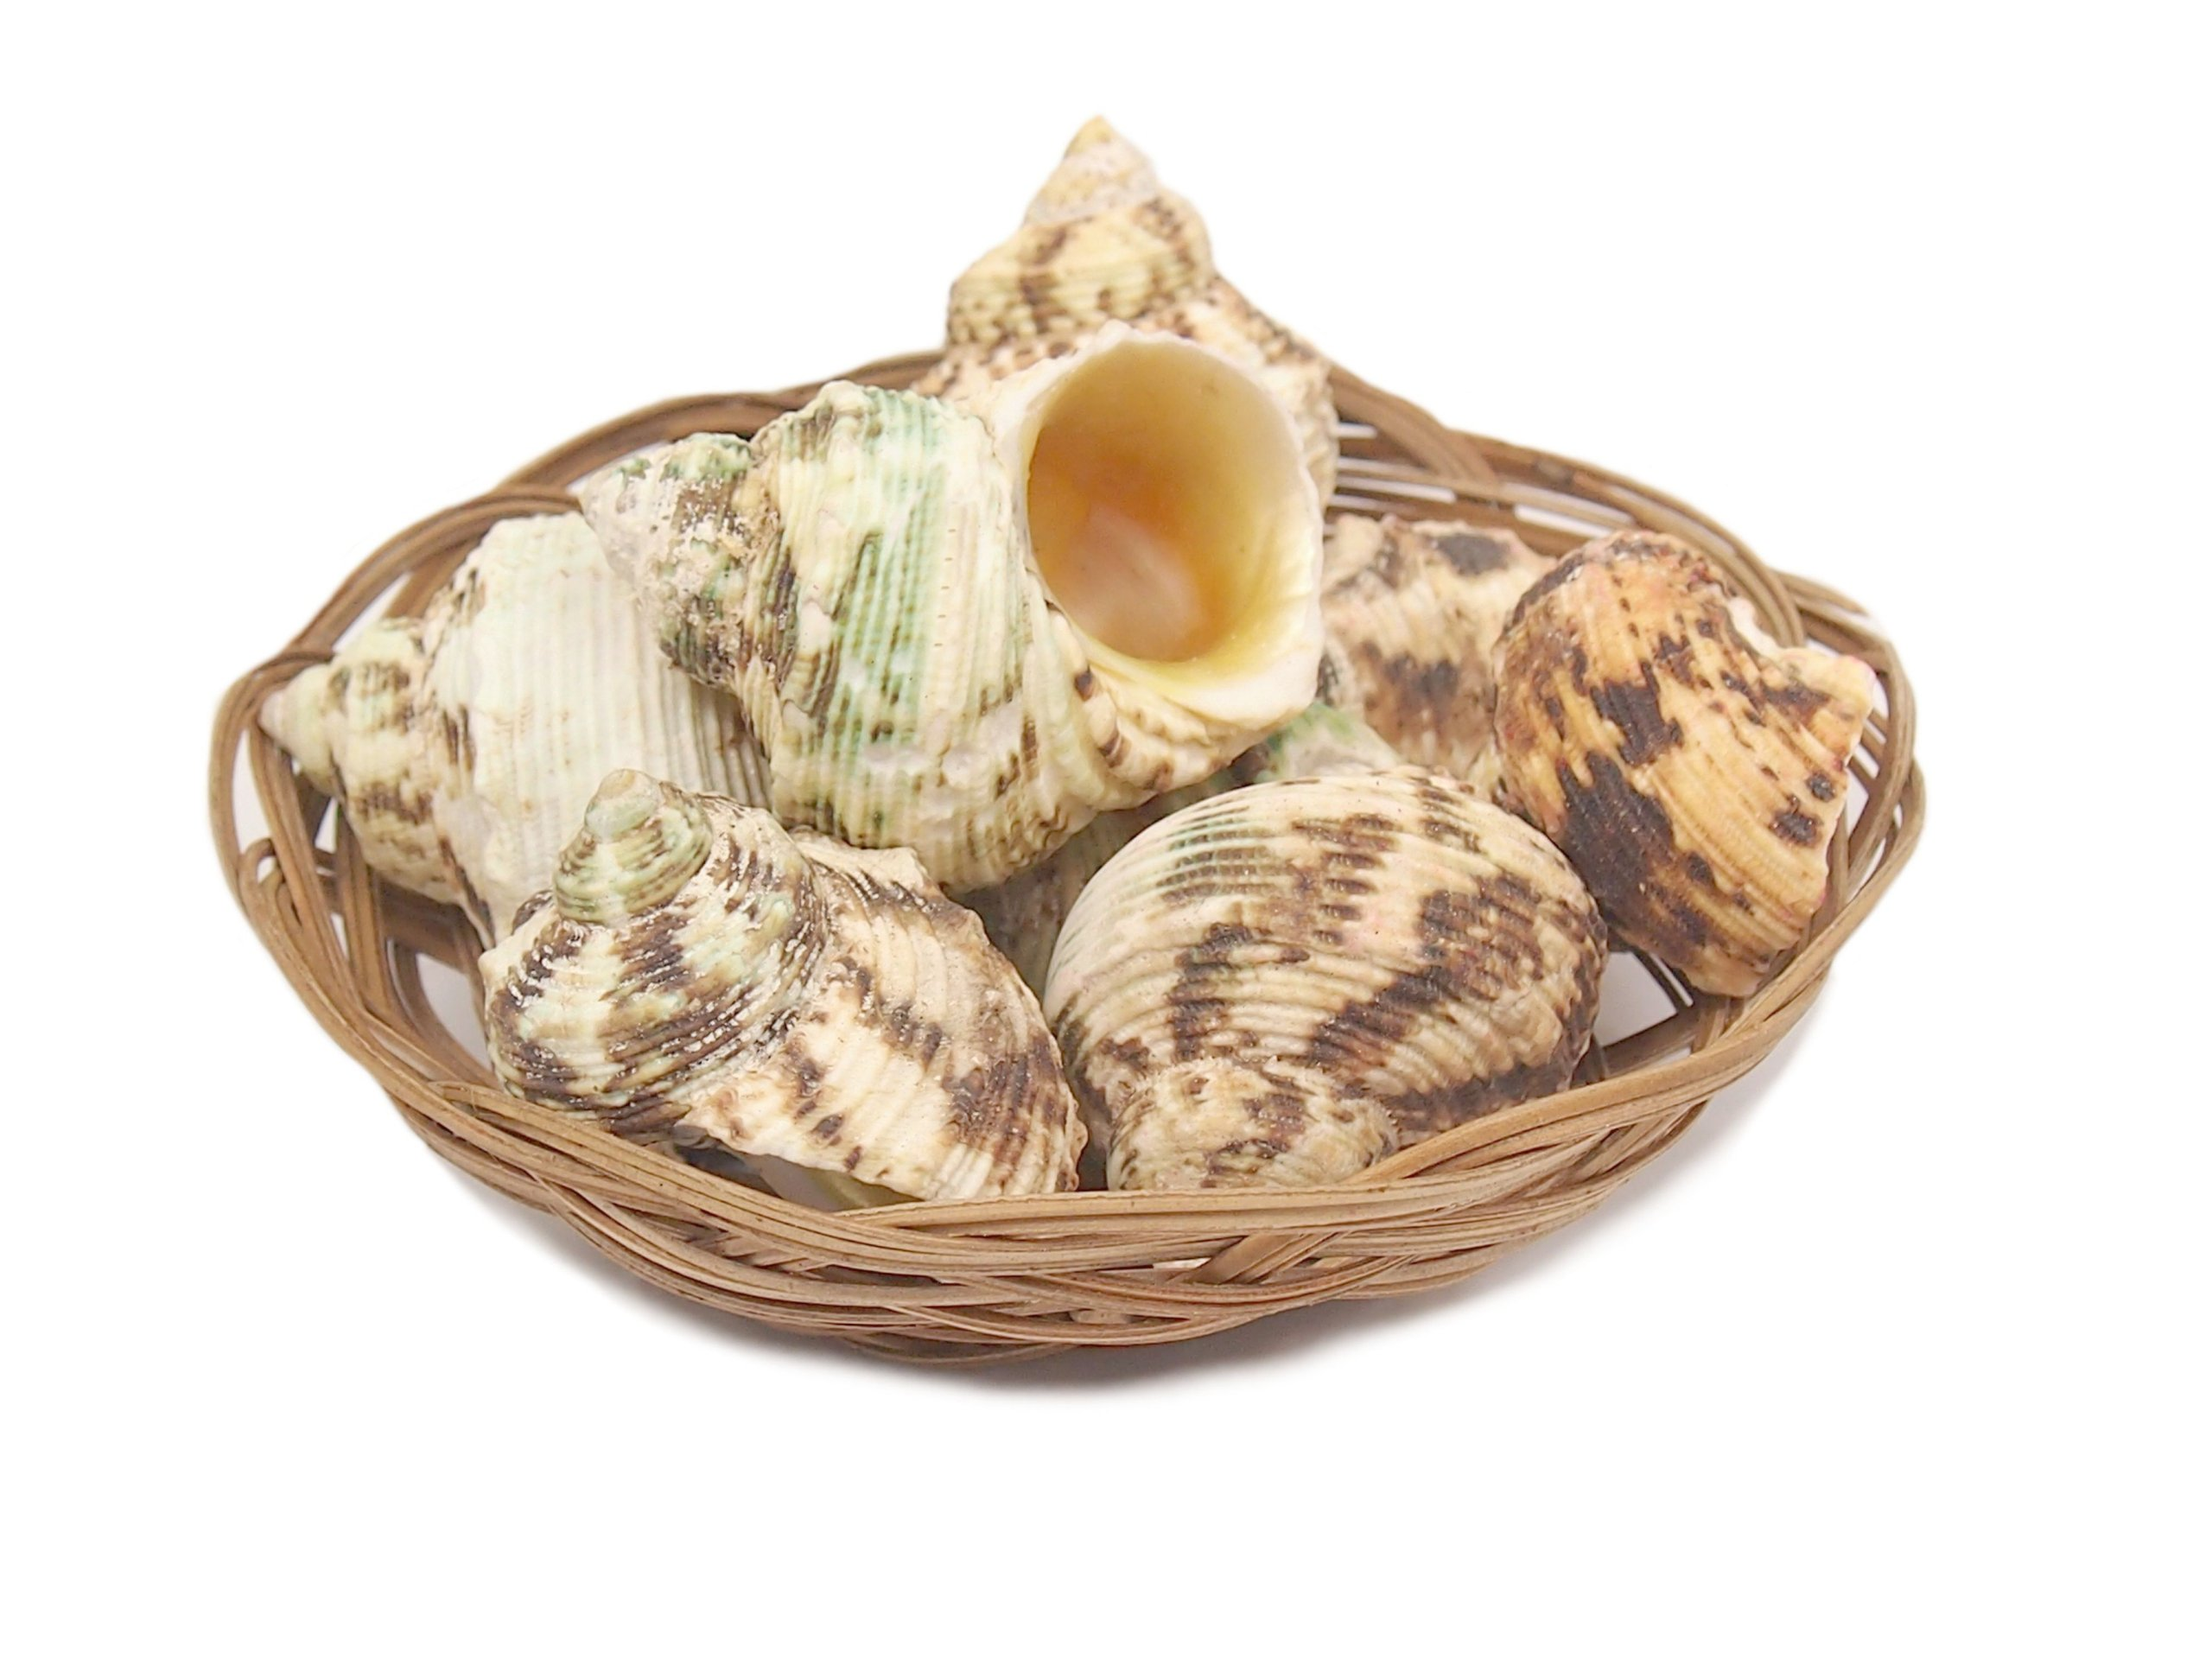 Seašell Sea Shells Green Turban 250g 10 ks